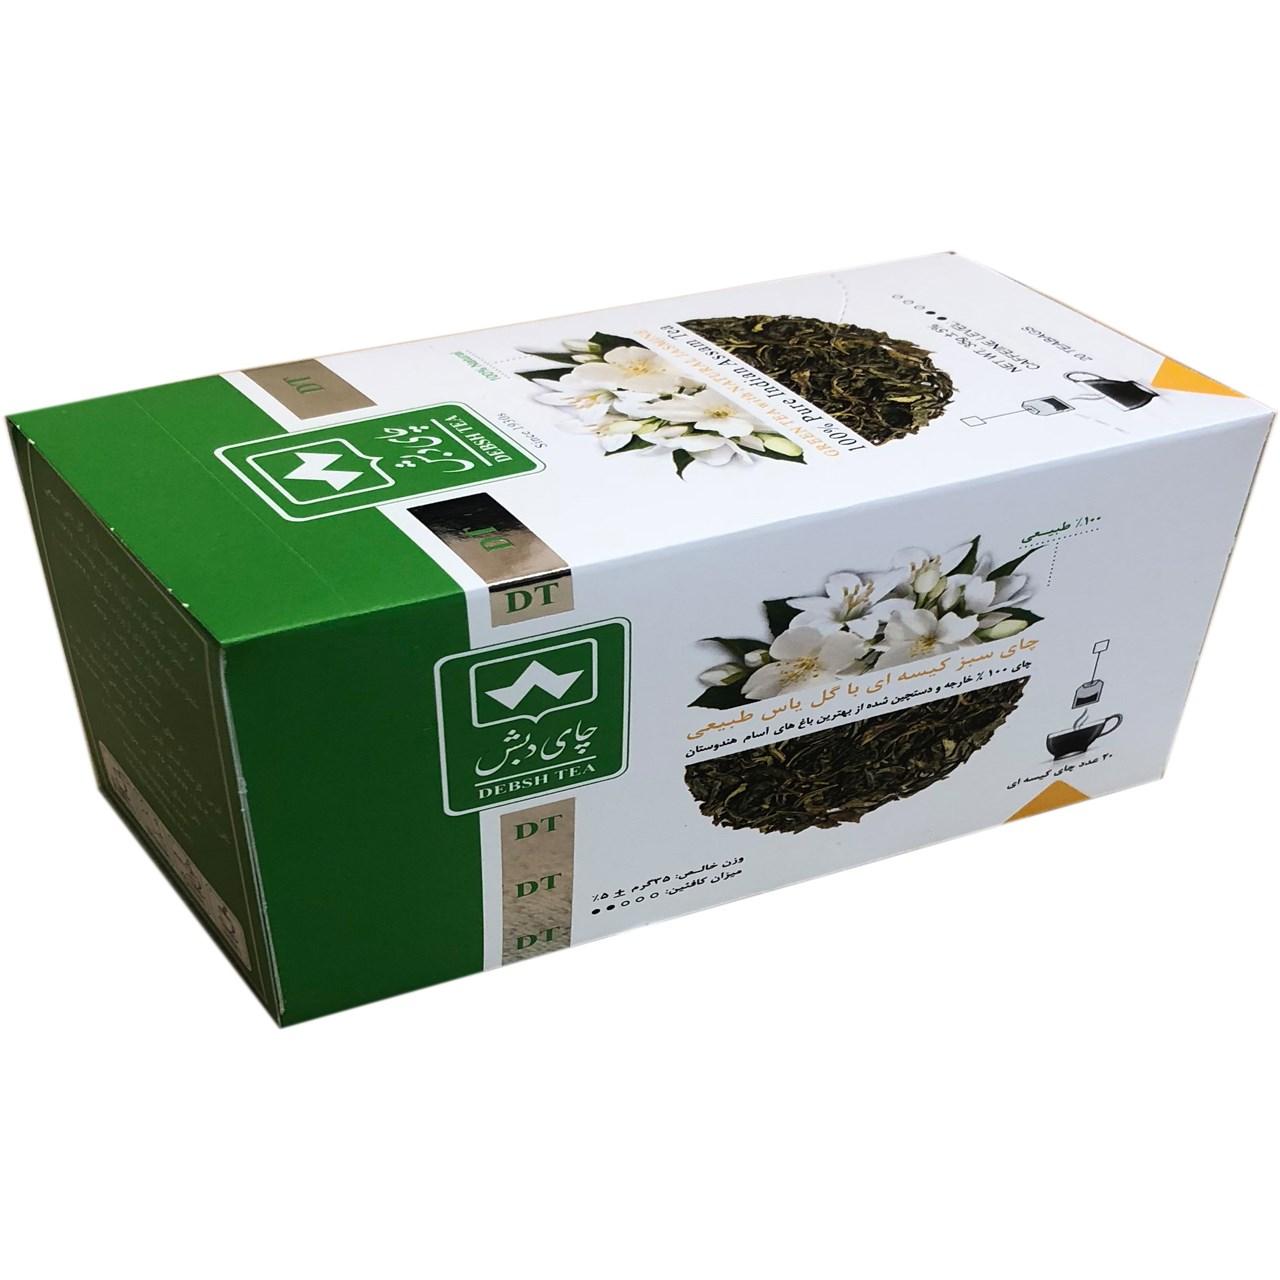 چای سبز کیسه ای با  گل یاس  طبیعی دبش بصیر ایران بسته 20 عددی